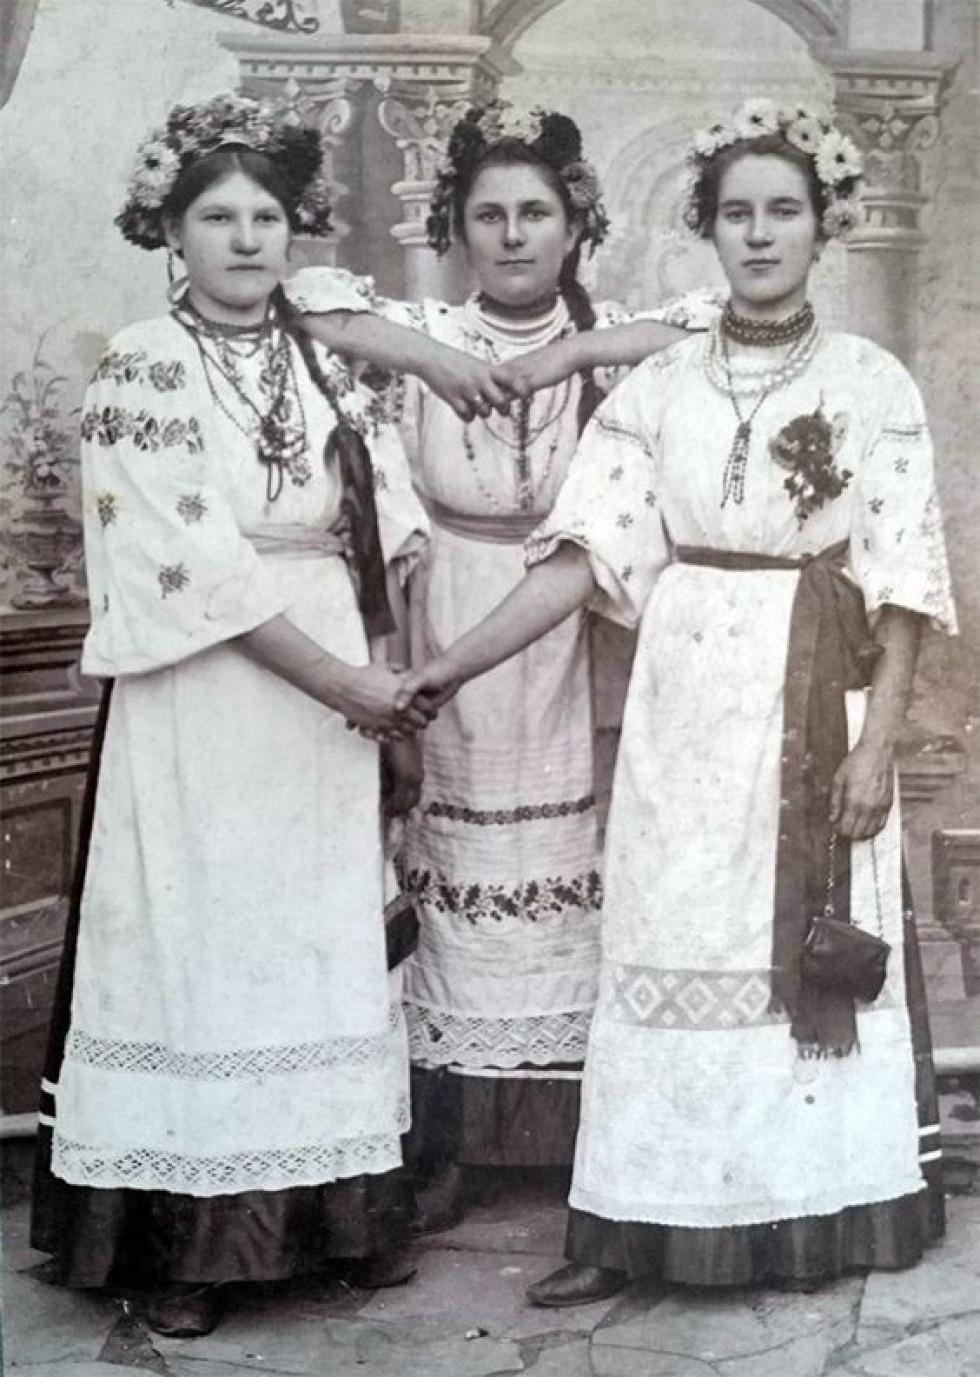 Українки із села Благодатне Амвросіївського району Донеччини, яке зараз окуповано. Фото середини ХХ століття